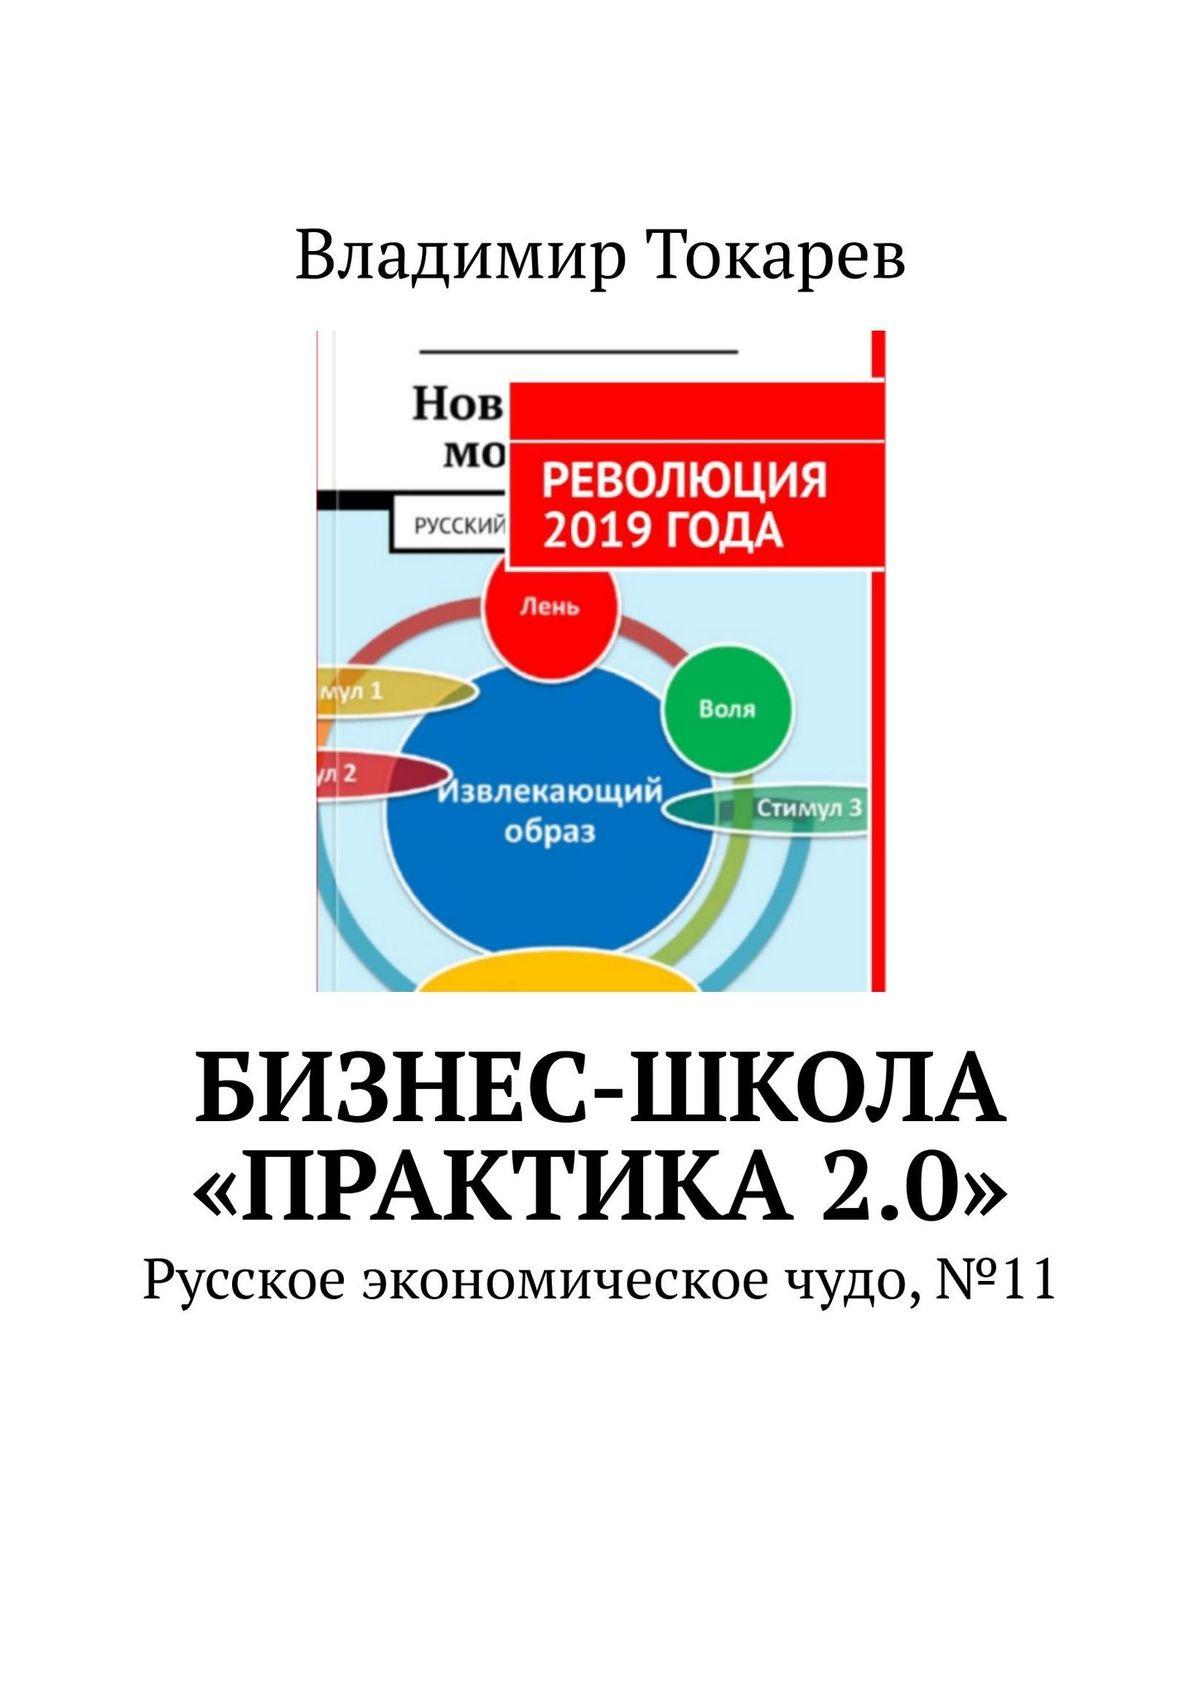 Владимир Токарев Бизнес-школа «Практика2.0». Специальный выпуск – 2 союз наша победа специальный выпуск